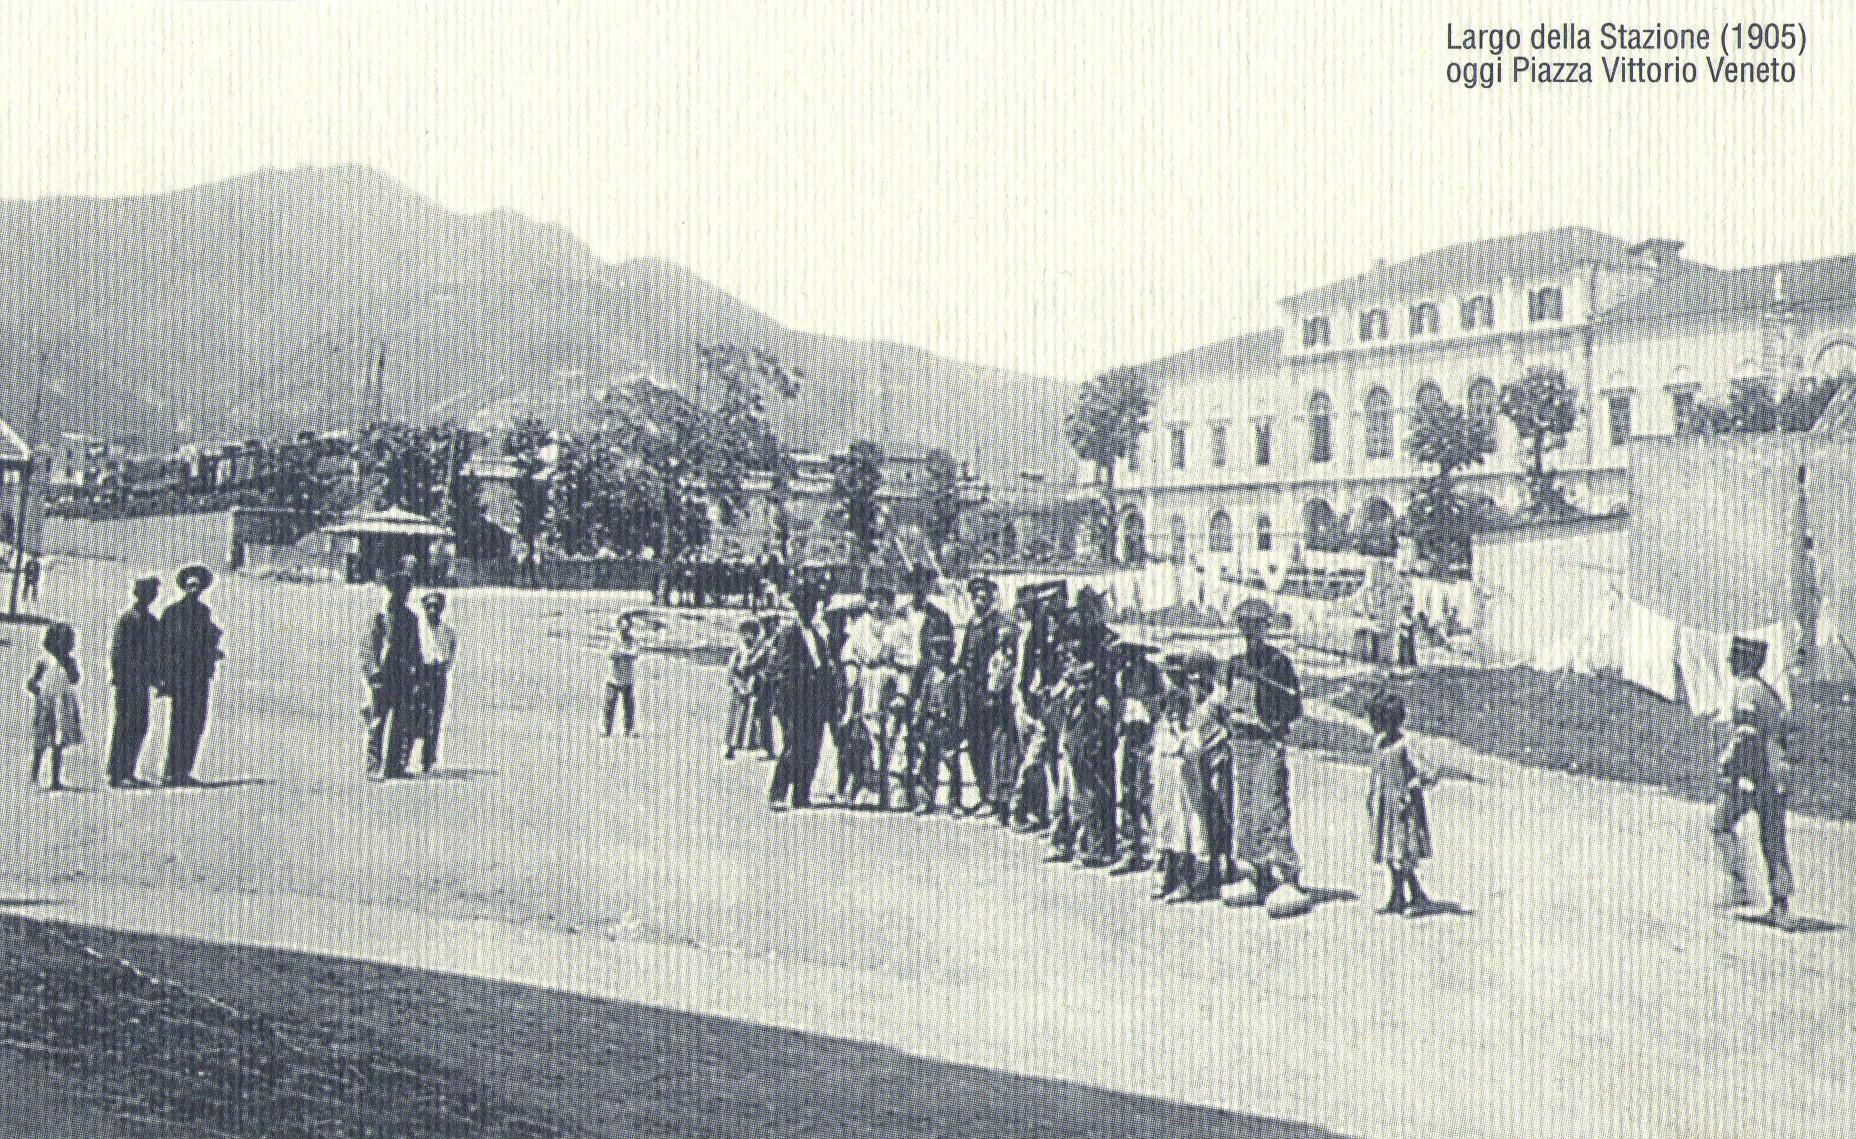 Largo della Stazione (1905)